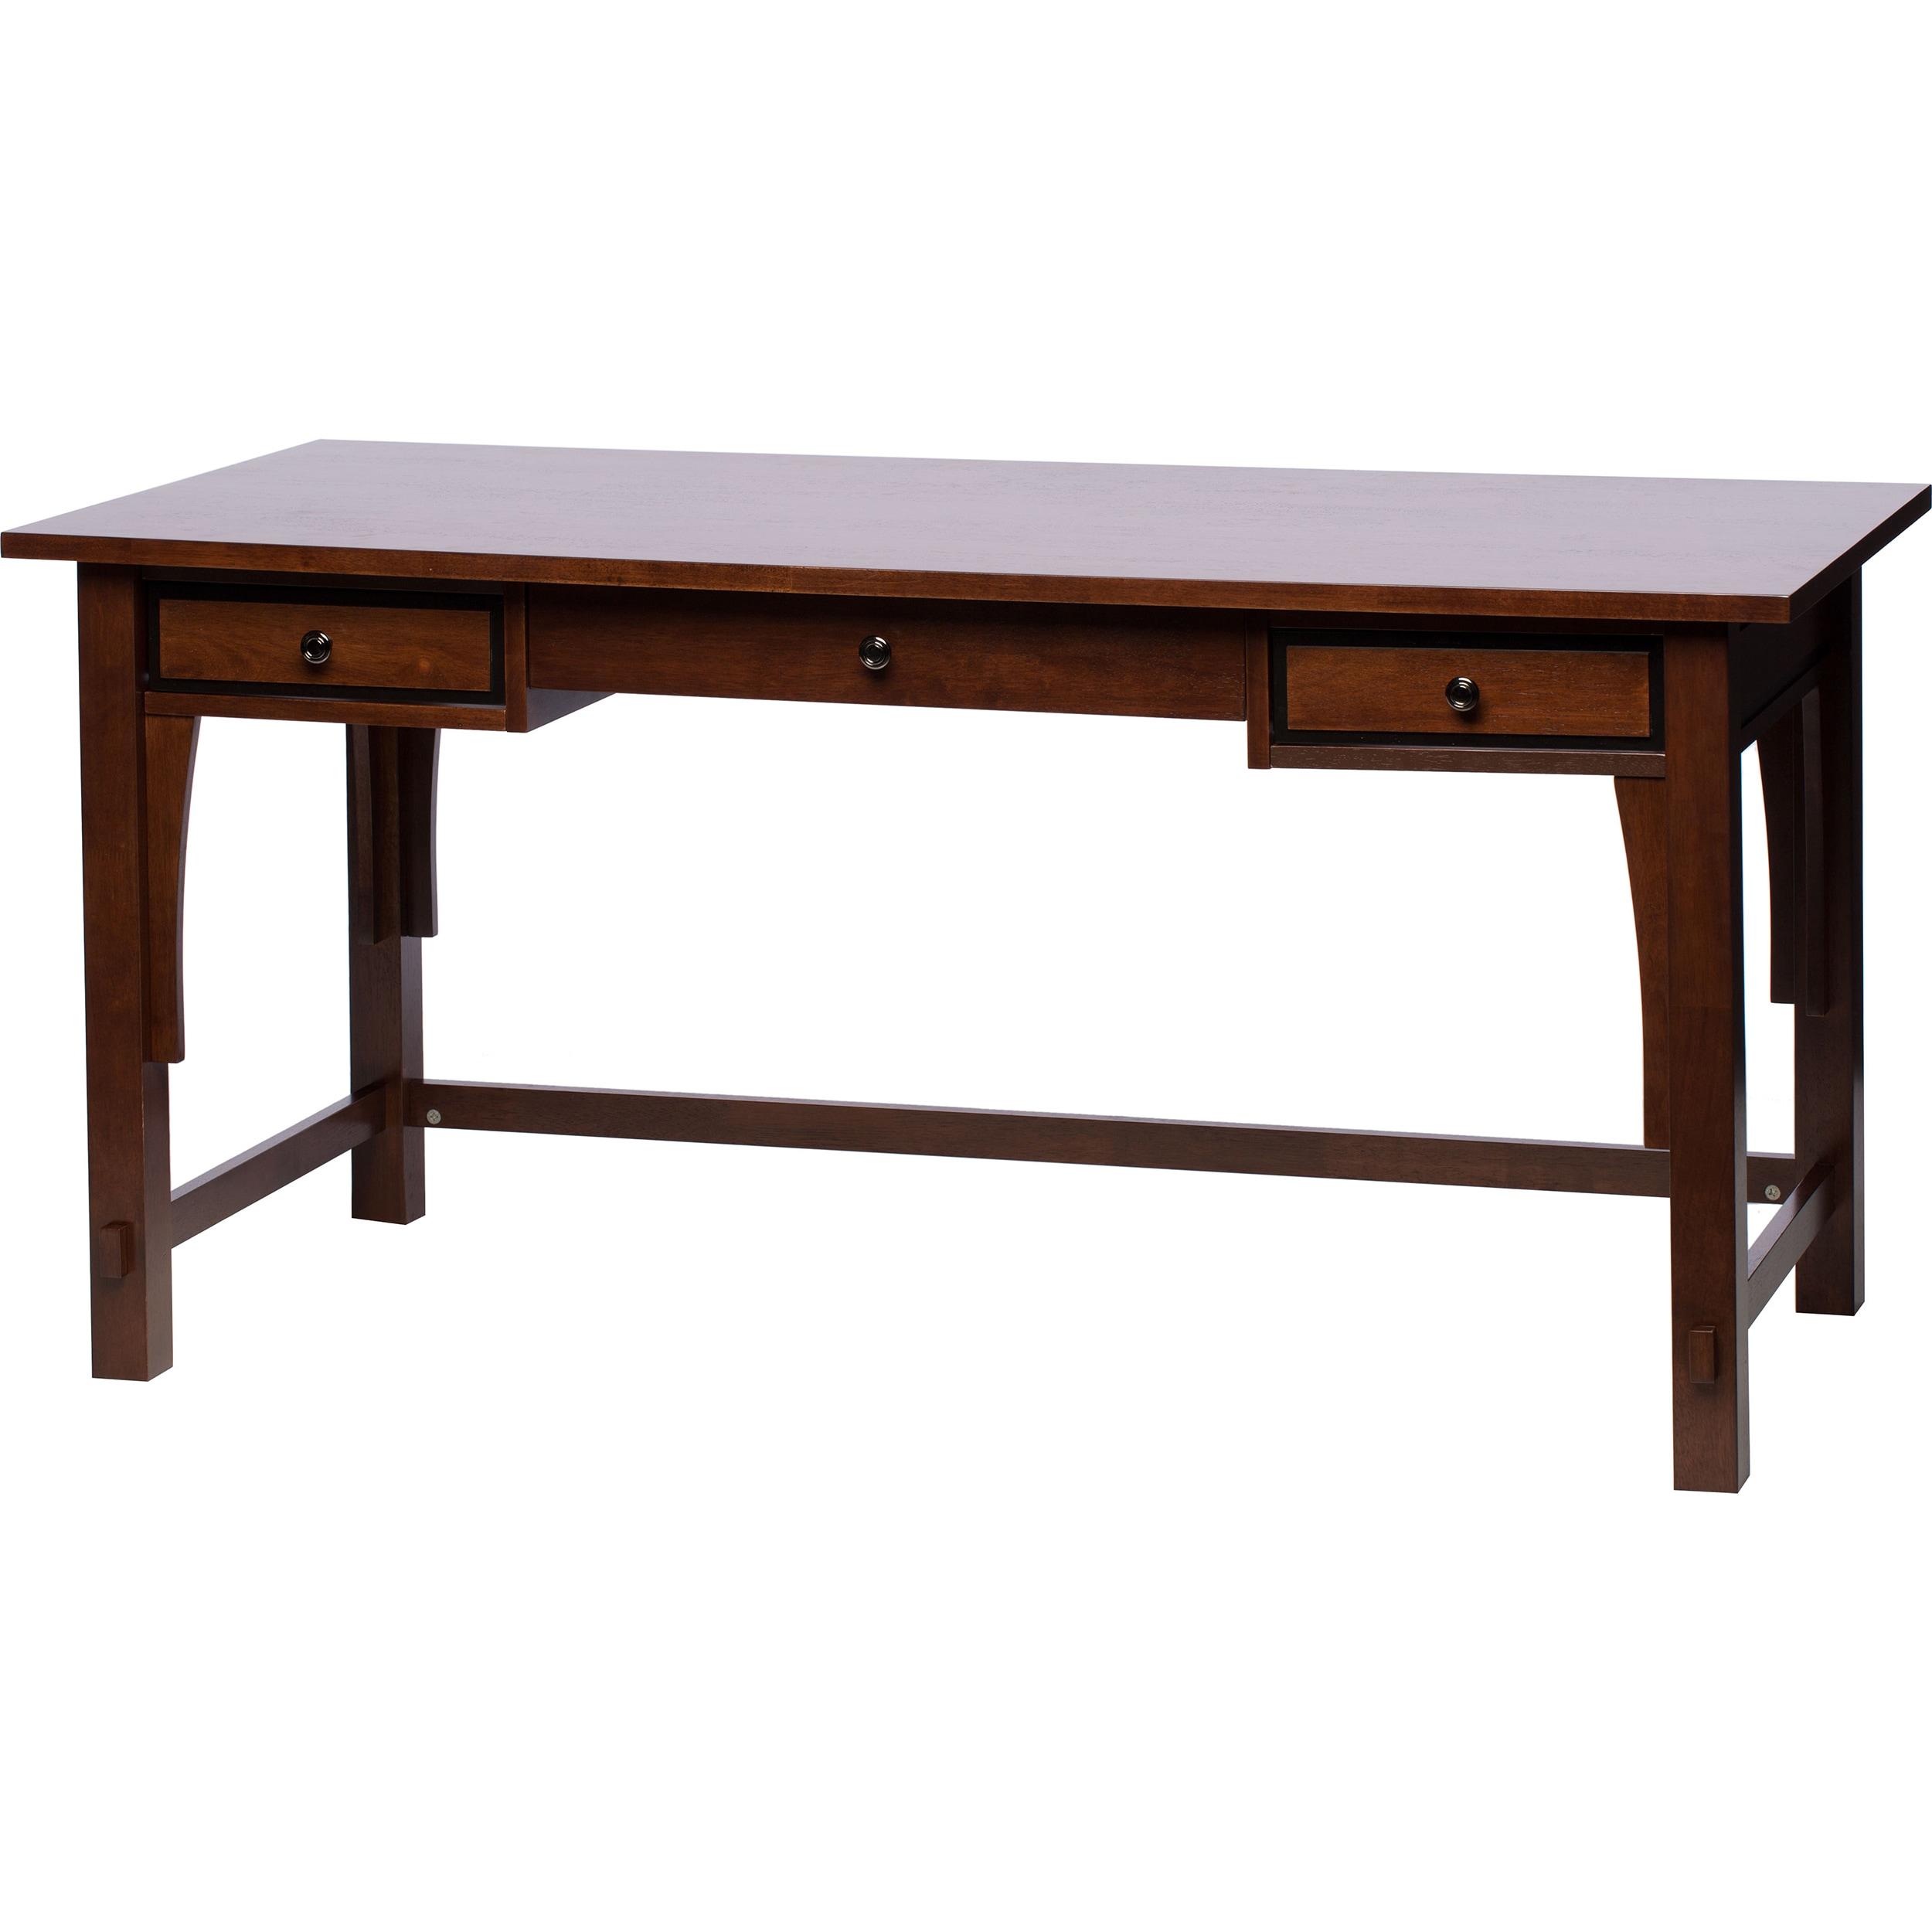 Talisman 3 Drawer Writing Desk Box B Writi Free Shipping Today 12010413